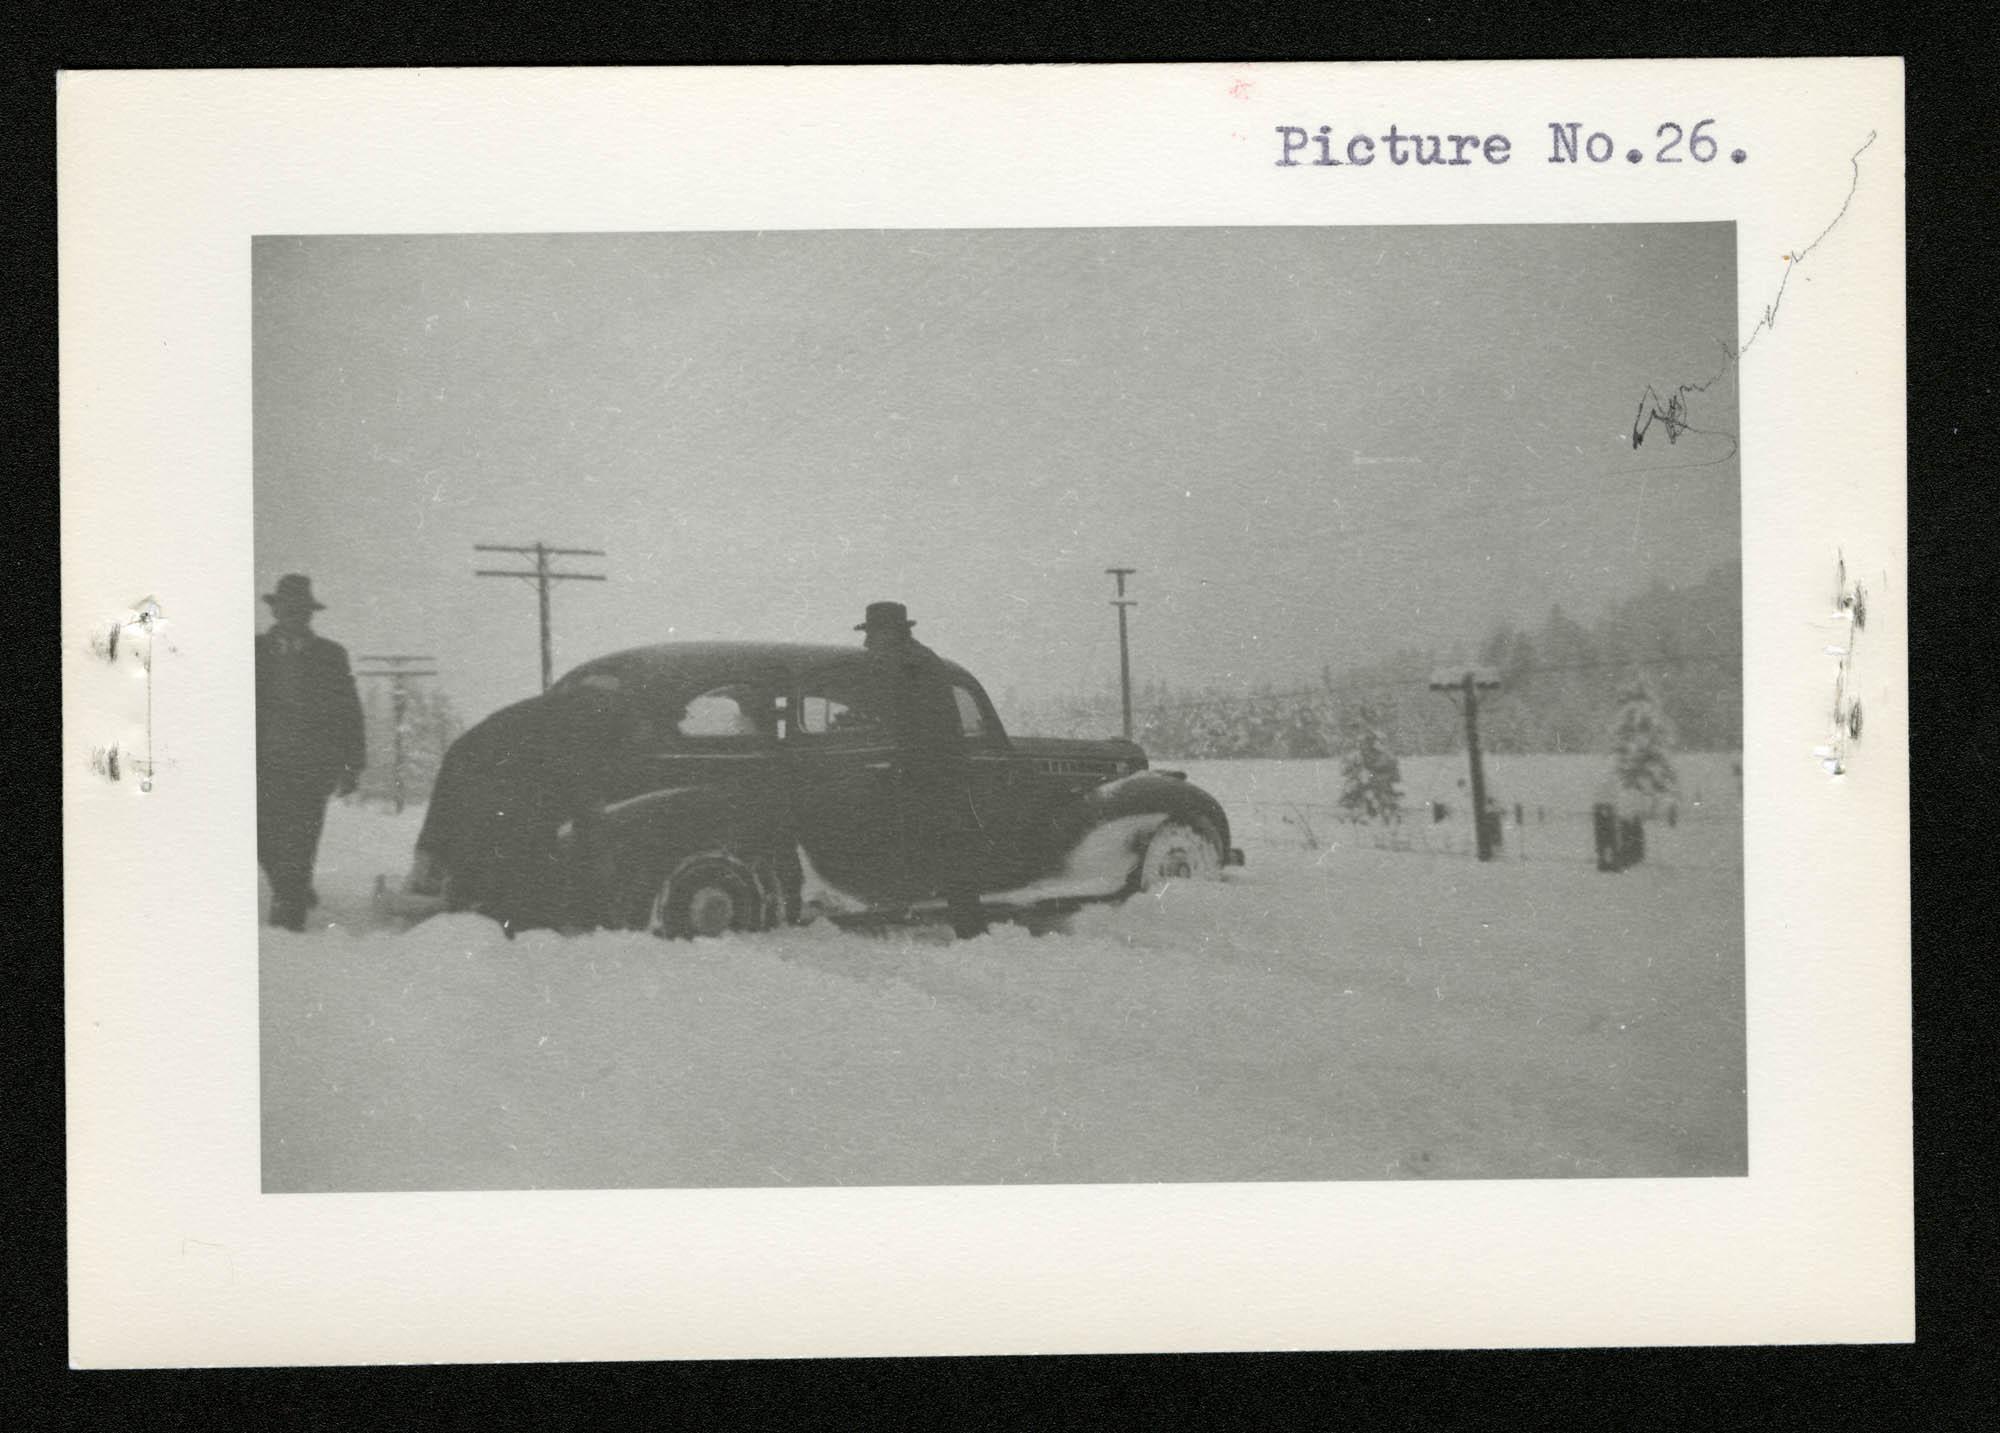 Trois hommes et une voiture dans une tempête de neige – (de droite à gauche) un homme est debout près de la portière, un deuxième est penché près de la roue arrière droite et un troisième vient les aider.